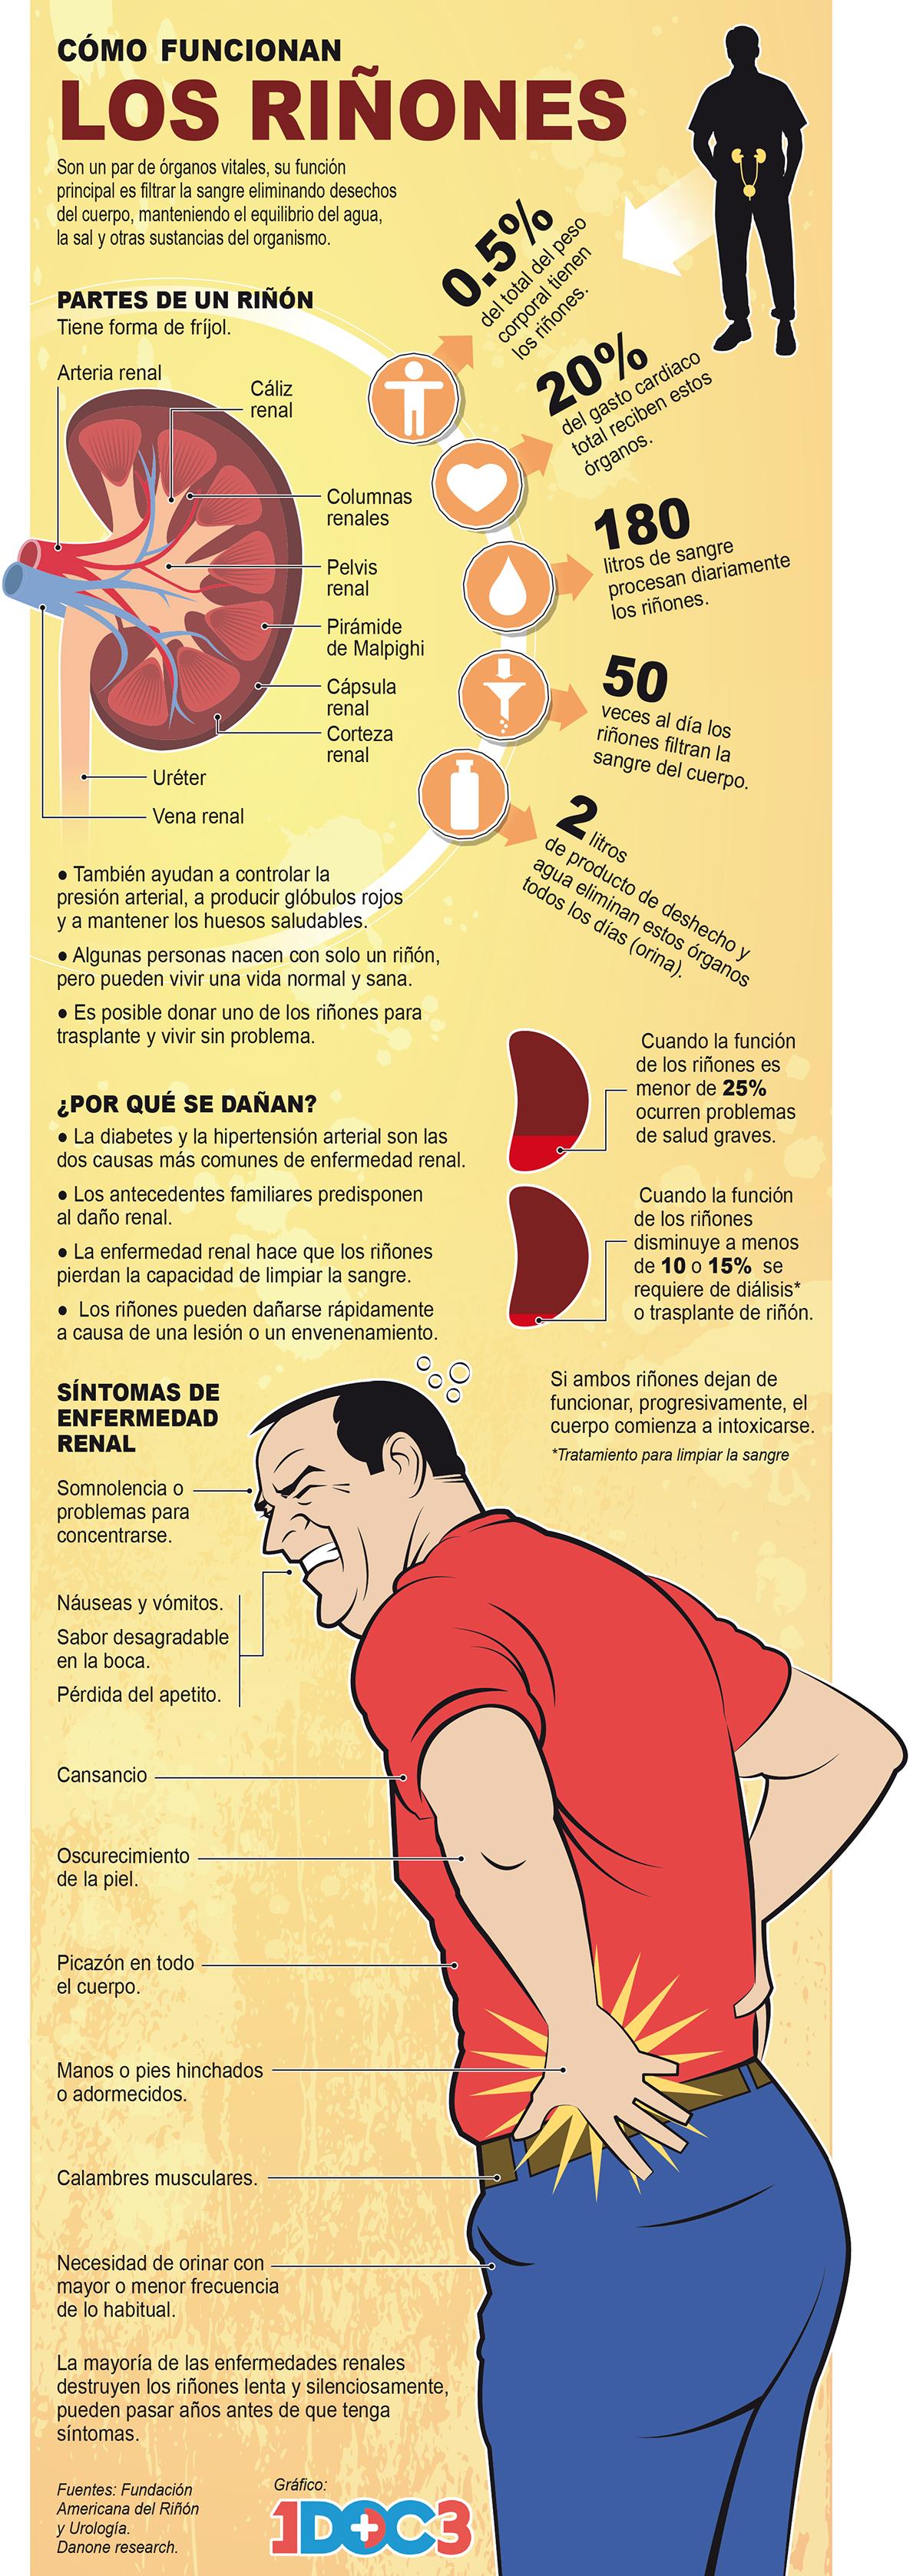 ¿Sabes cómo cuidar los riñones?